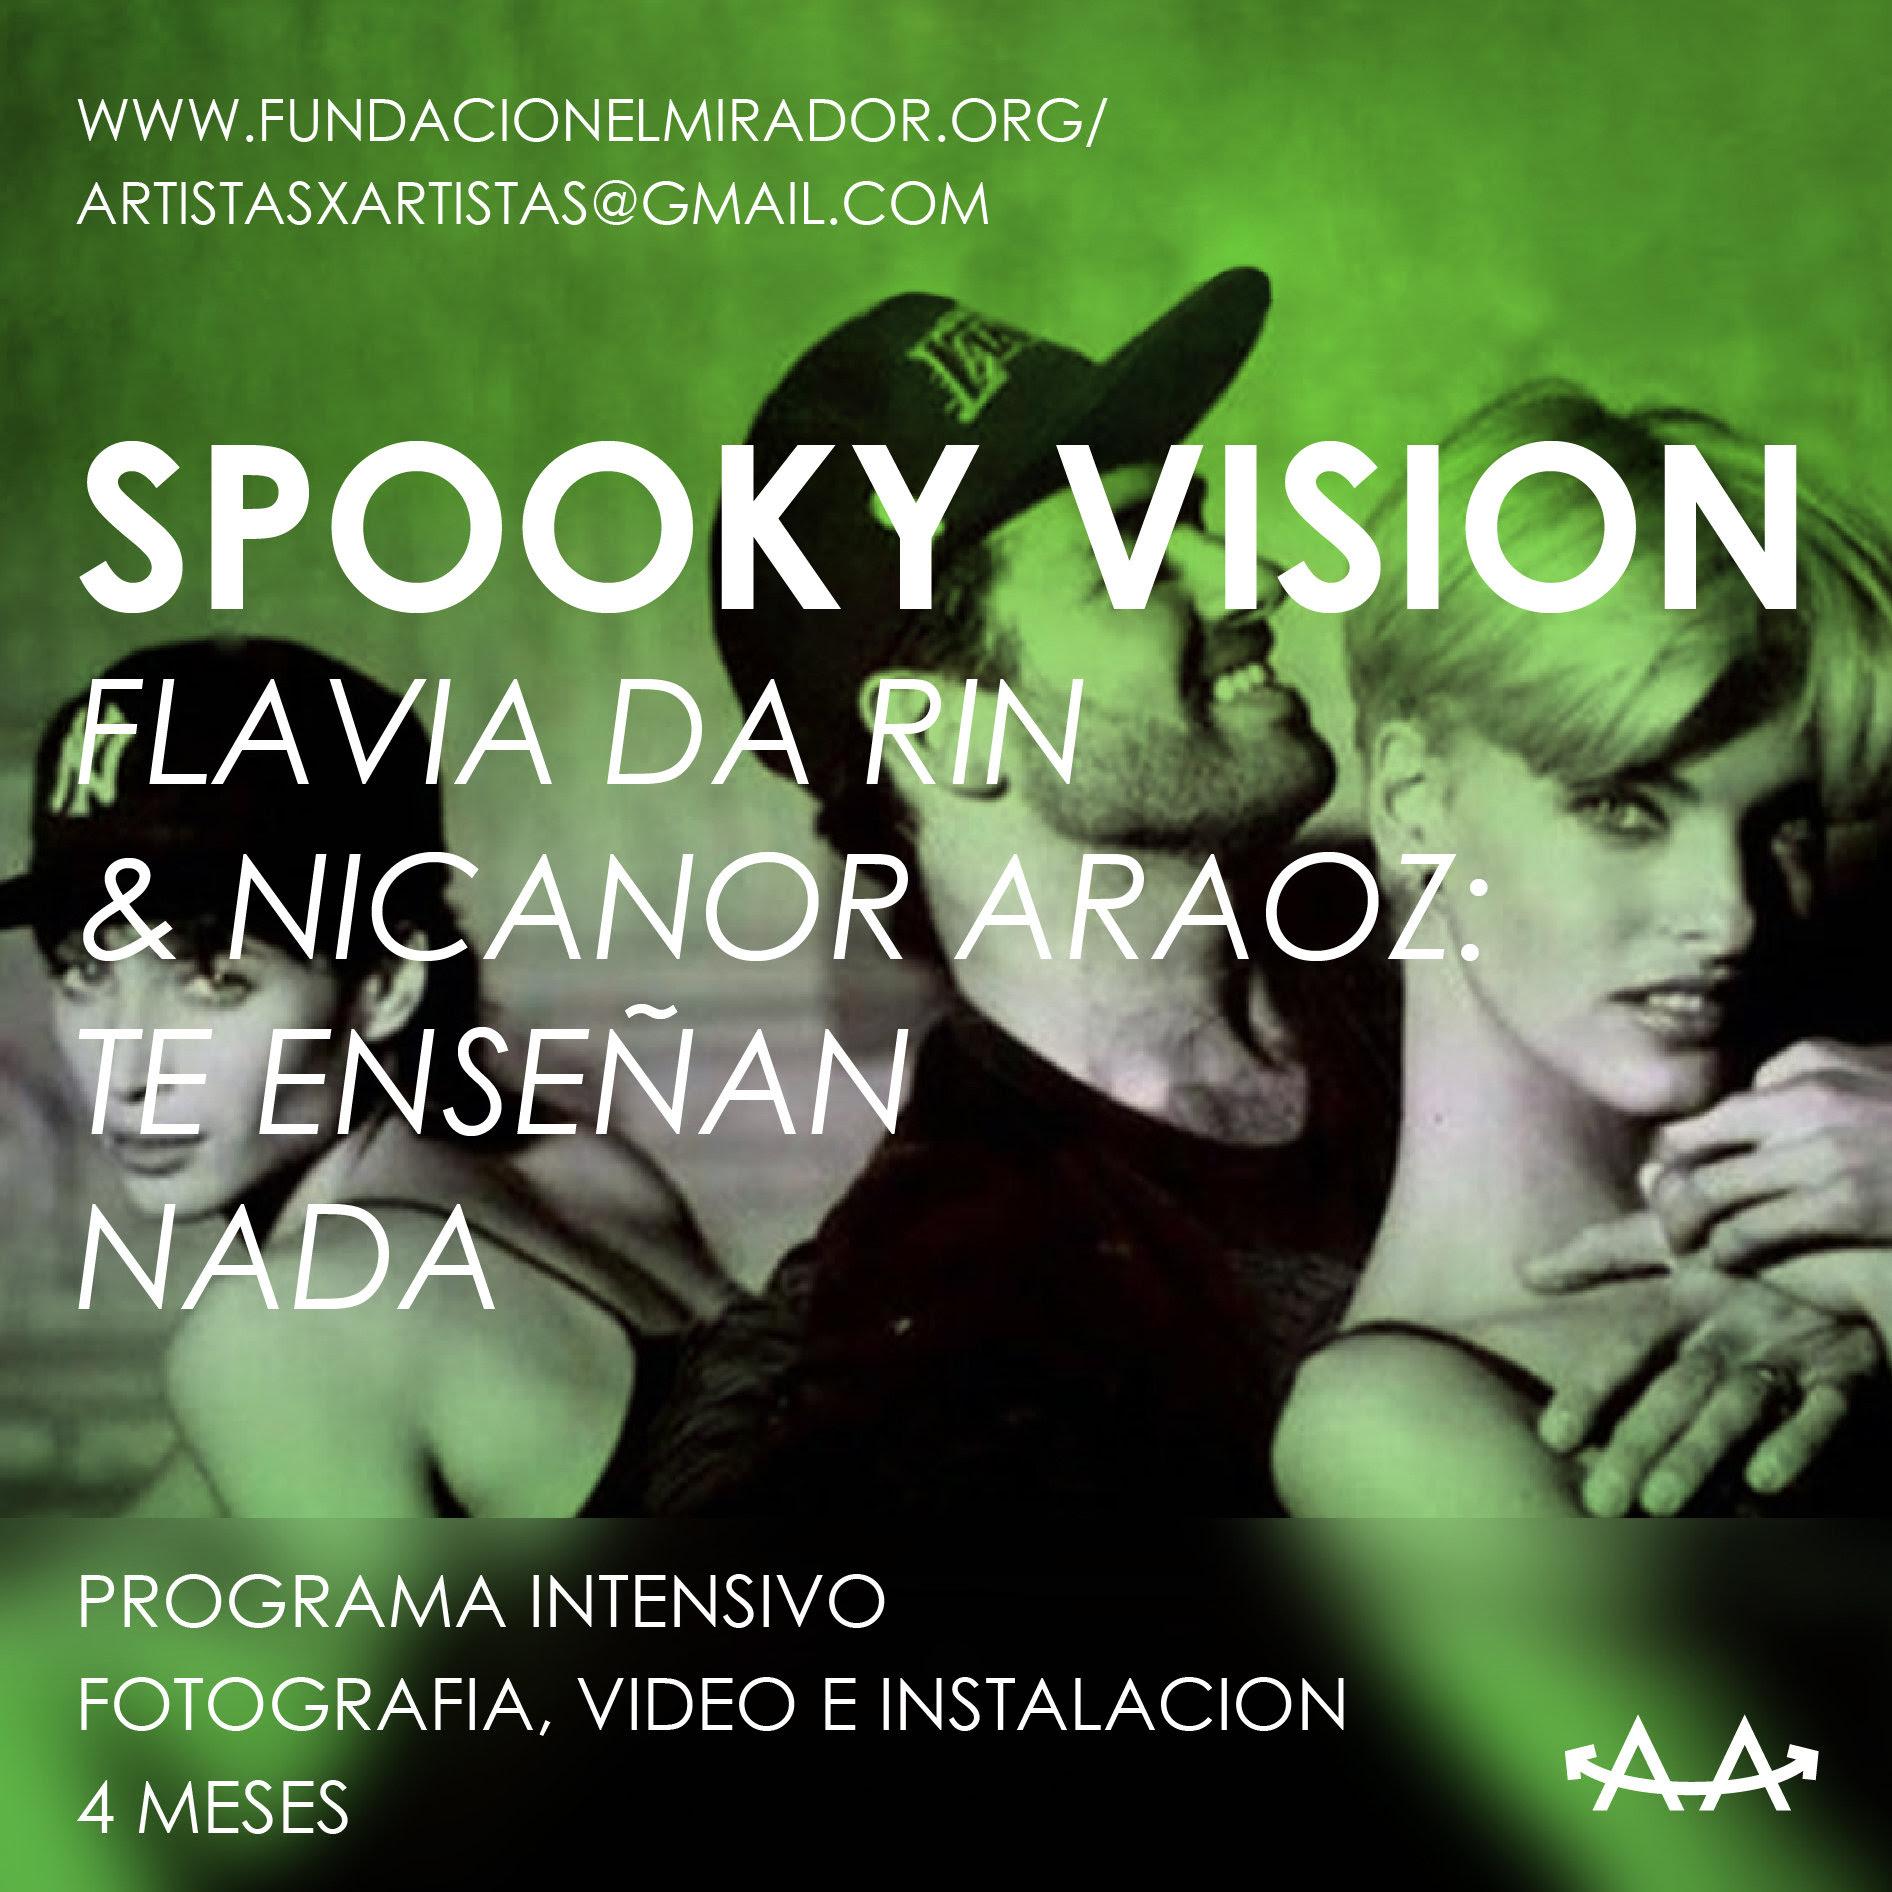 SPOOKY VISION – PROGRAMA INTENSIVO DE INSTALACION, VIDEO Y FOTOGRAFIA.